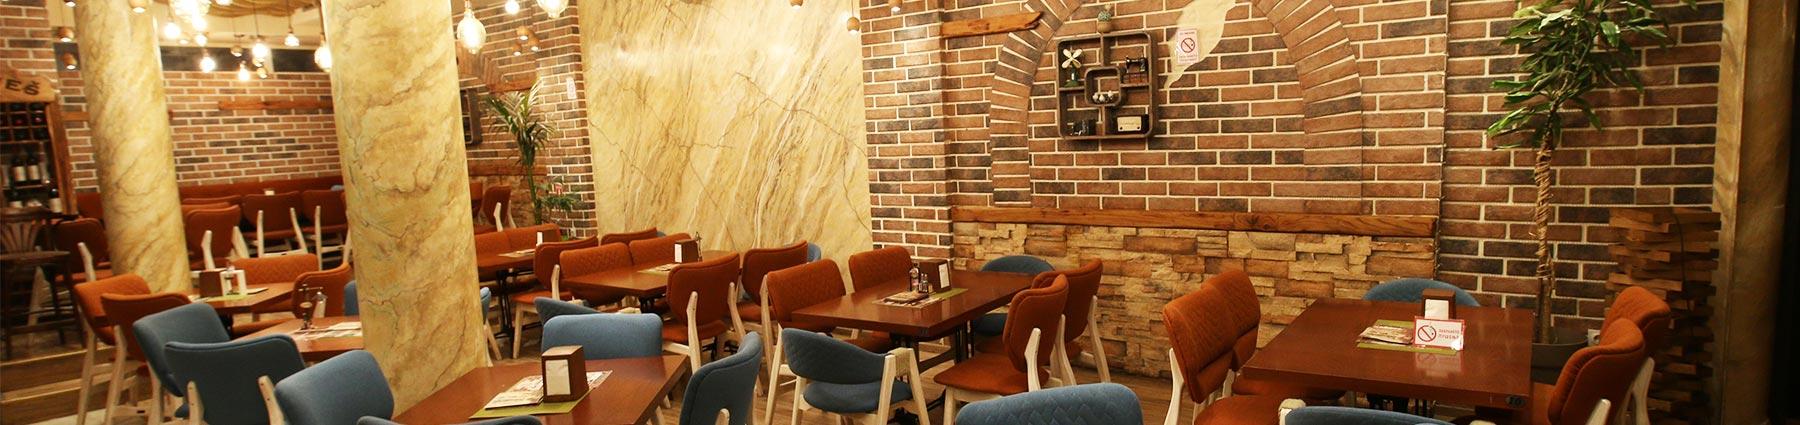 Ресторан Ла Страда